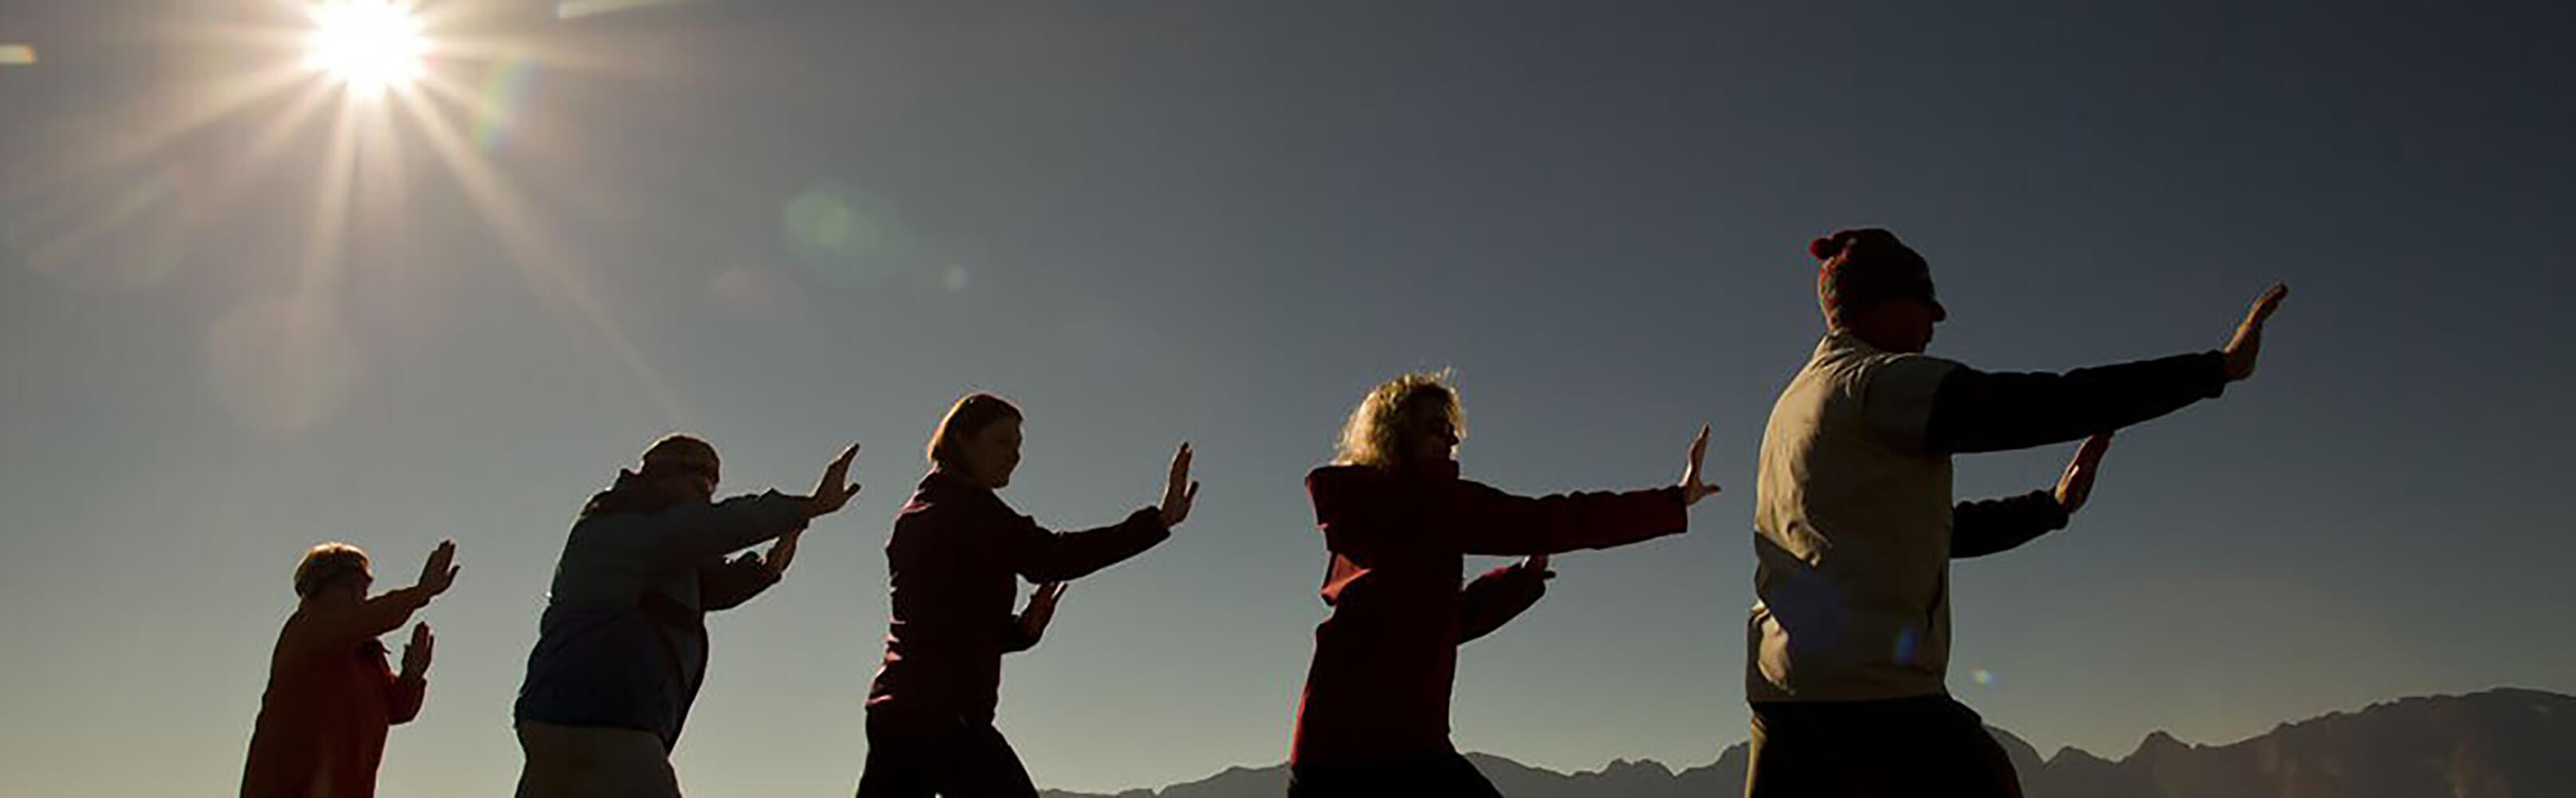 Garmisch-Partenkirchen - Entdecke Deine wahre Natur 1